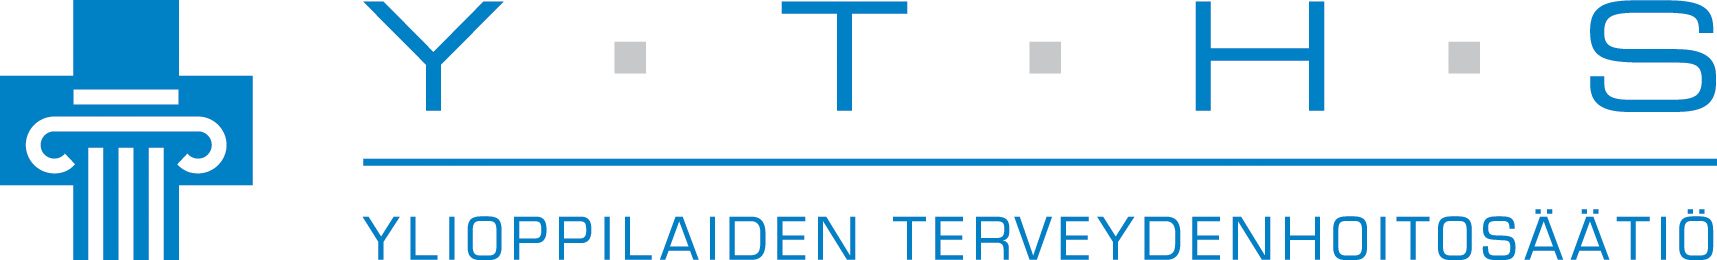 Ylioppilaiden terveydenhoitosäätiö logo